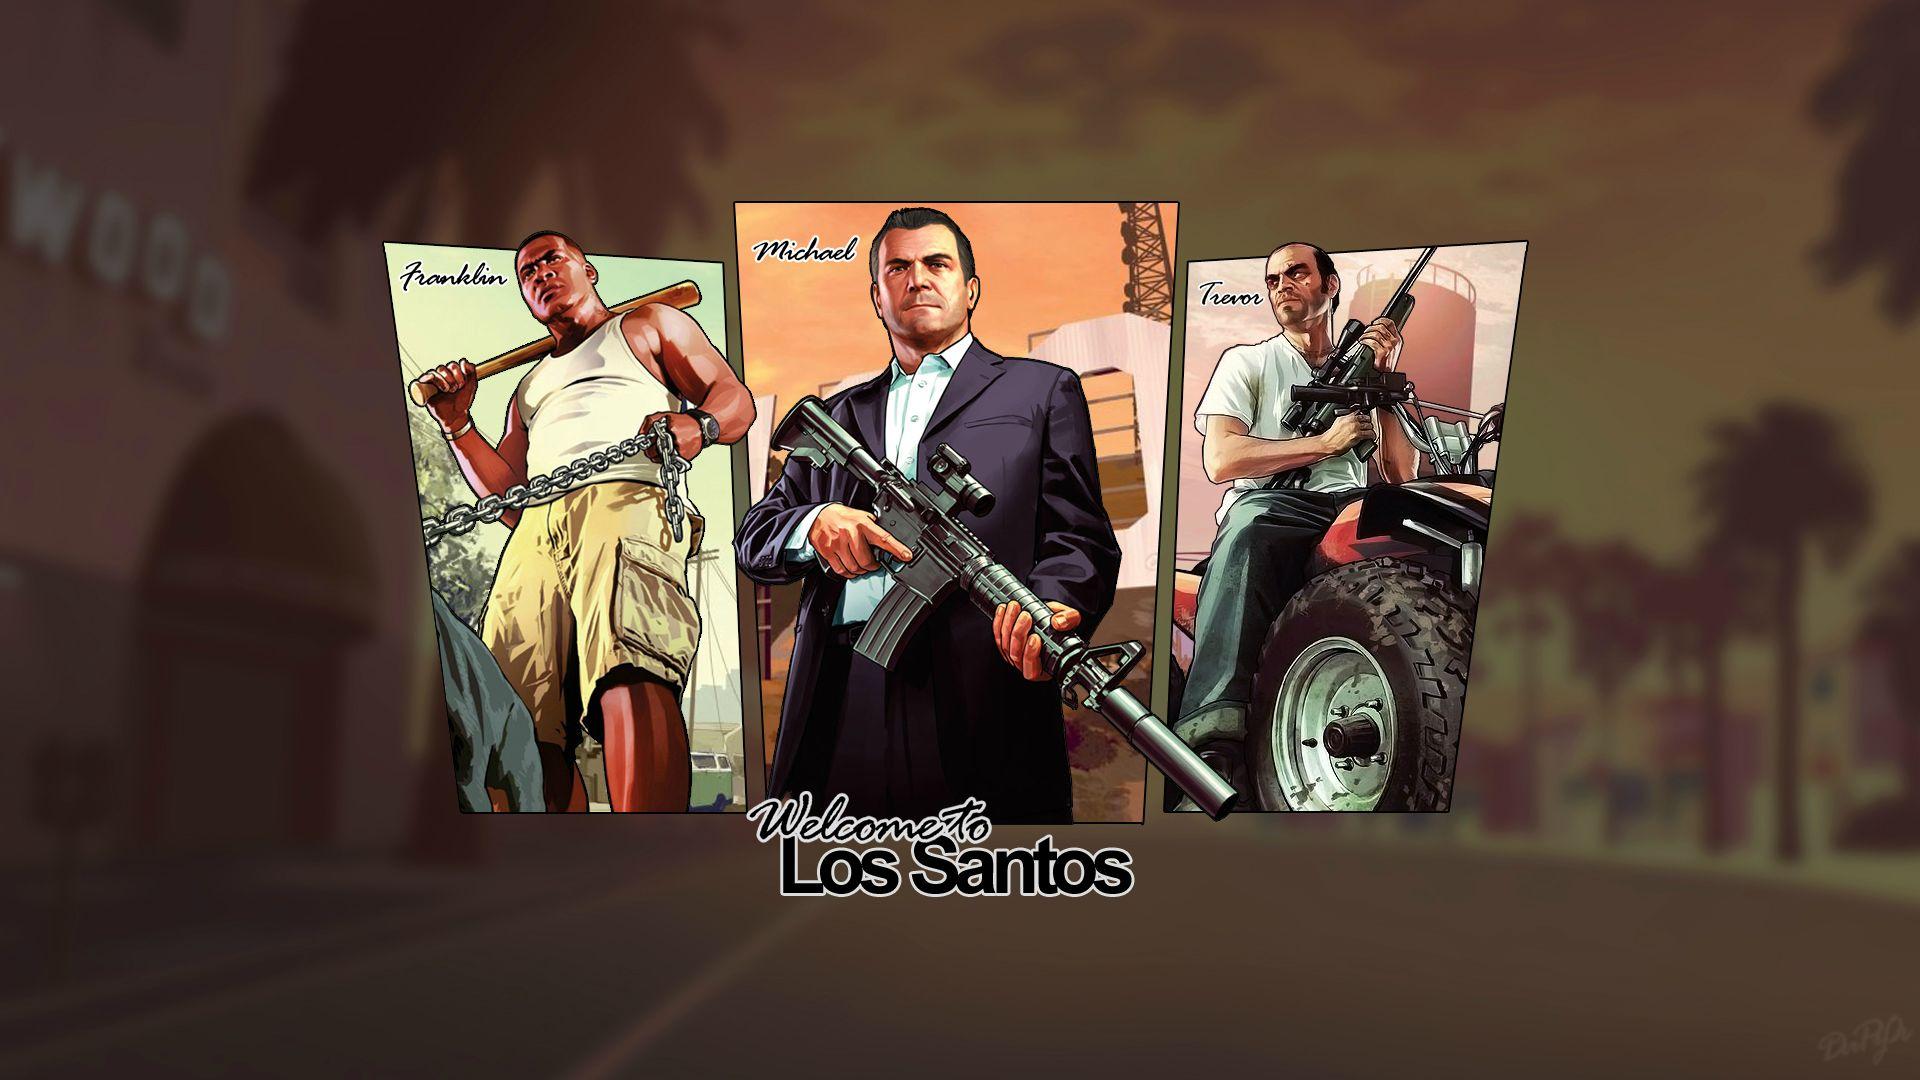 http://www.gamefm.com.br/wp-content/uploads/2013/01/GTAV.jpg